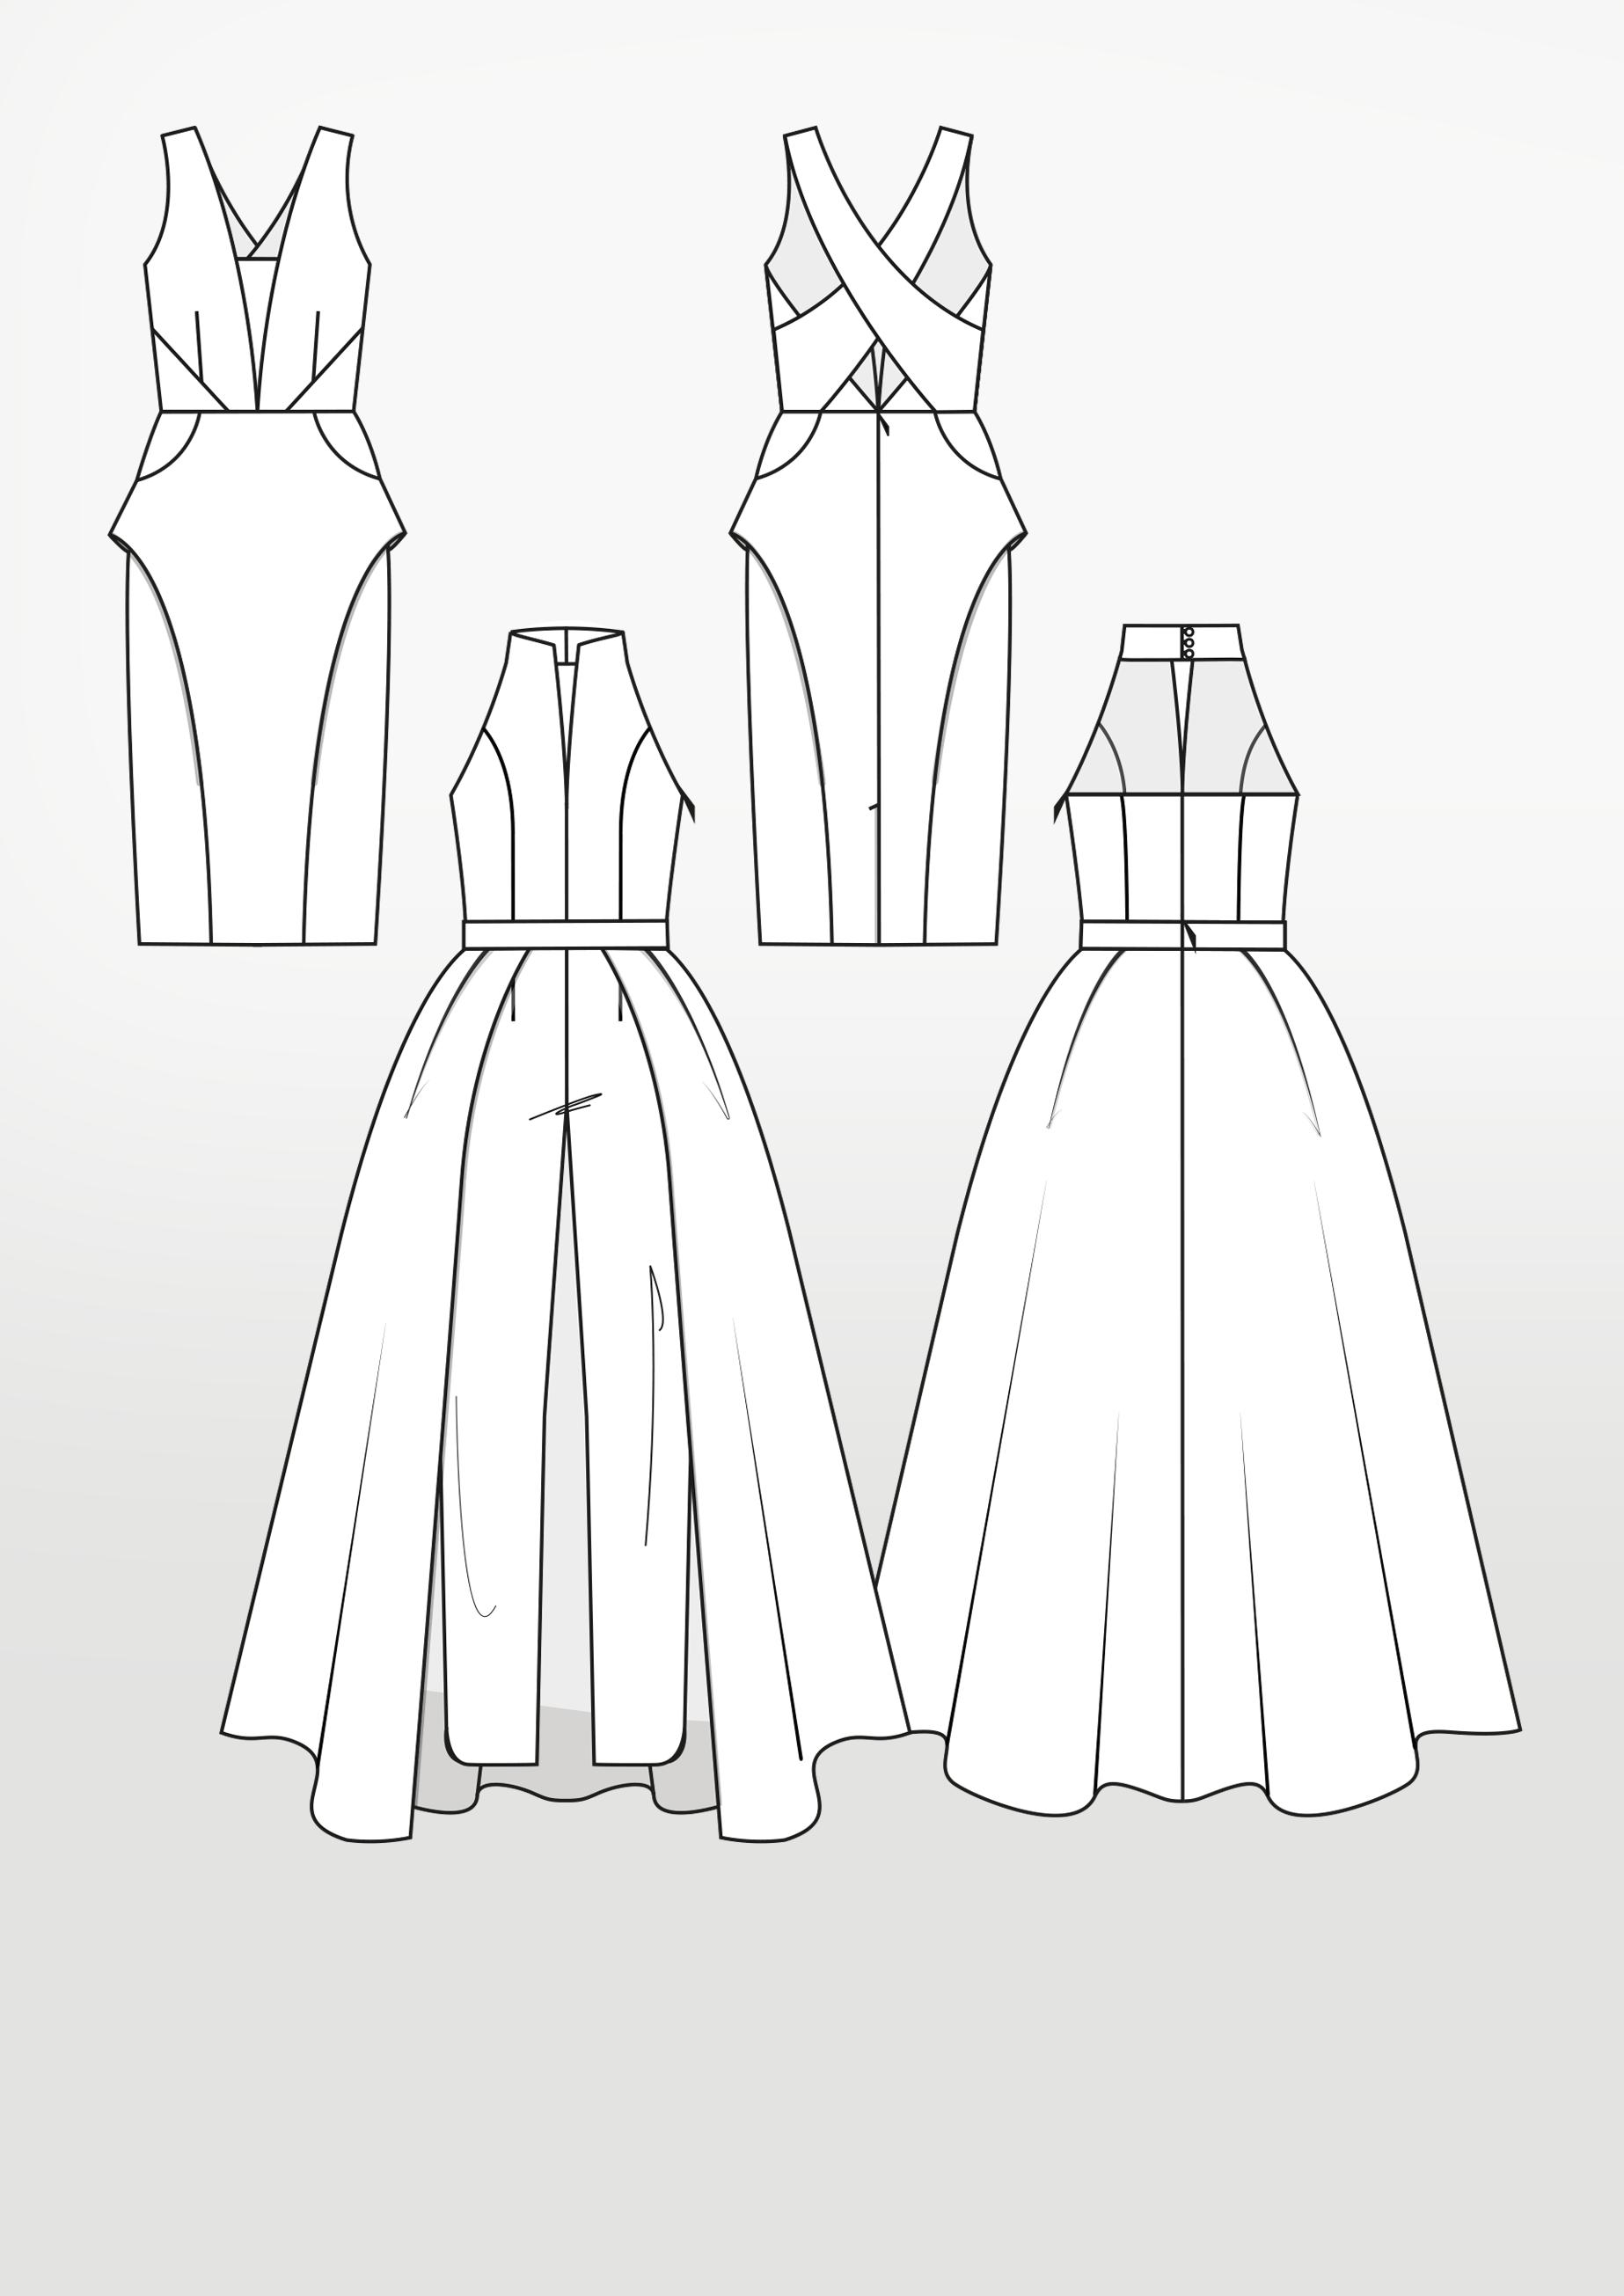 Produkt: Schnittmuster Kleid und Jumpsuit